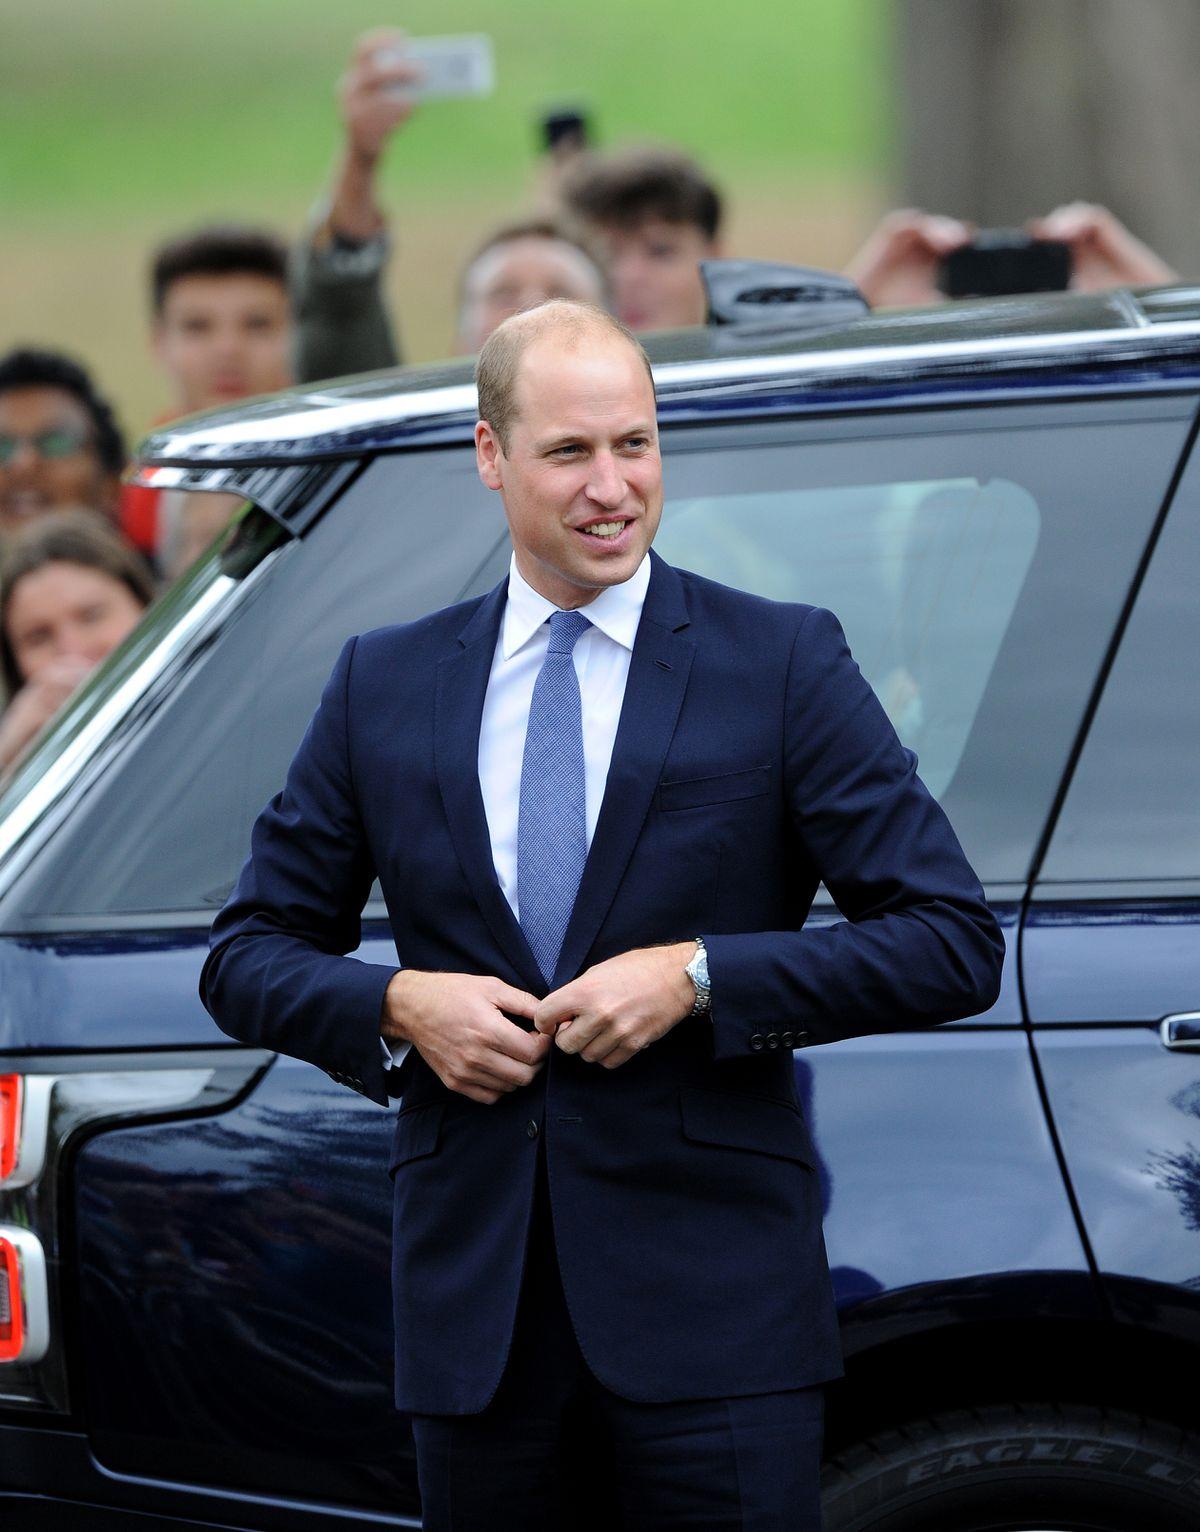 Prince William in Stourbridge